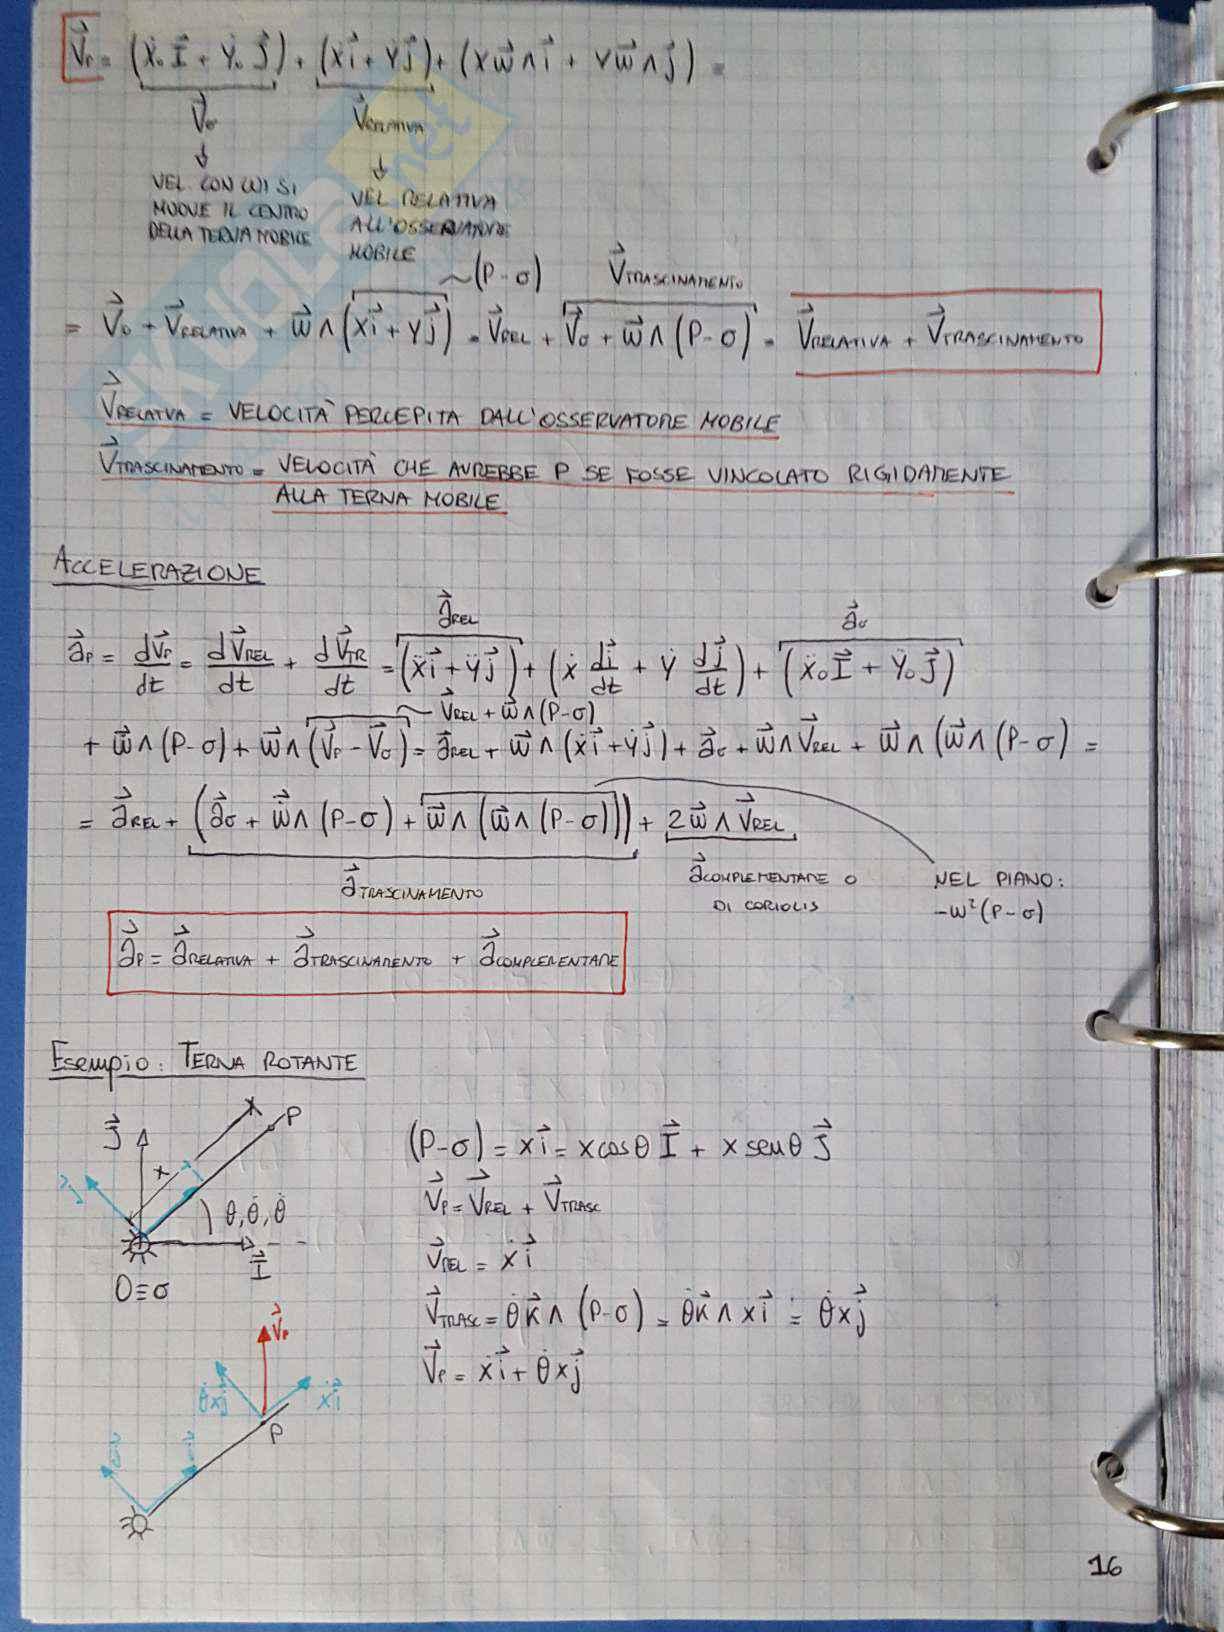 Appunti di Meccanica applicata alle macchine - Lezione Pag. 16